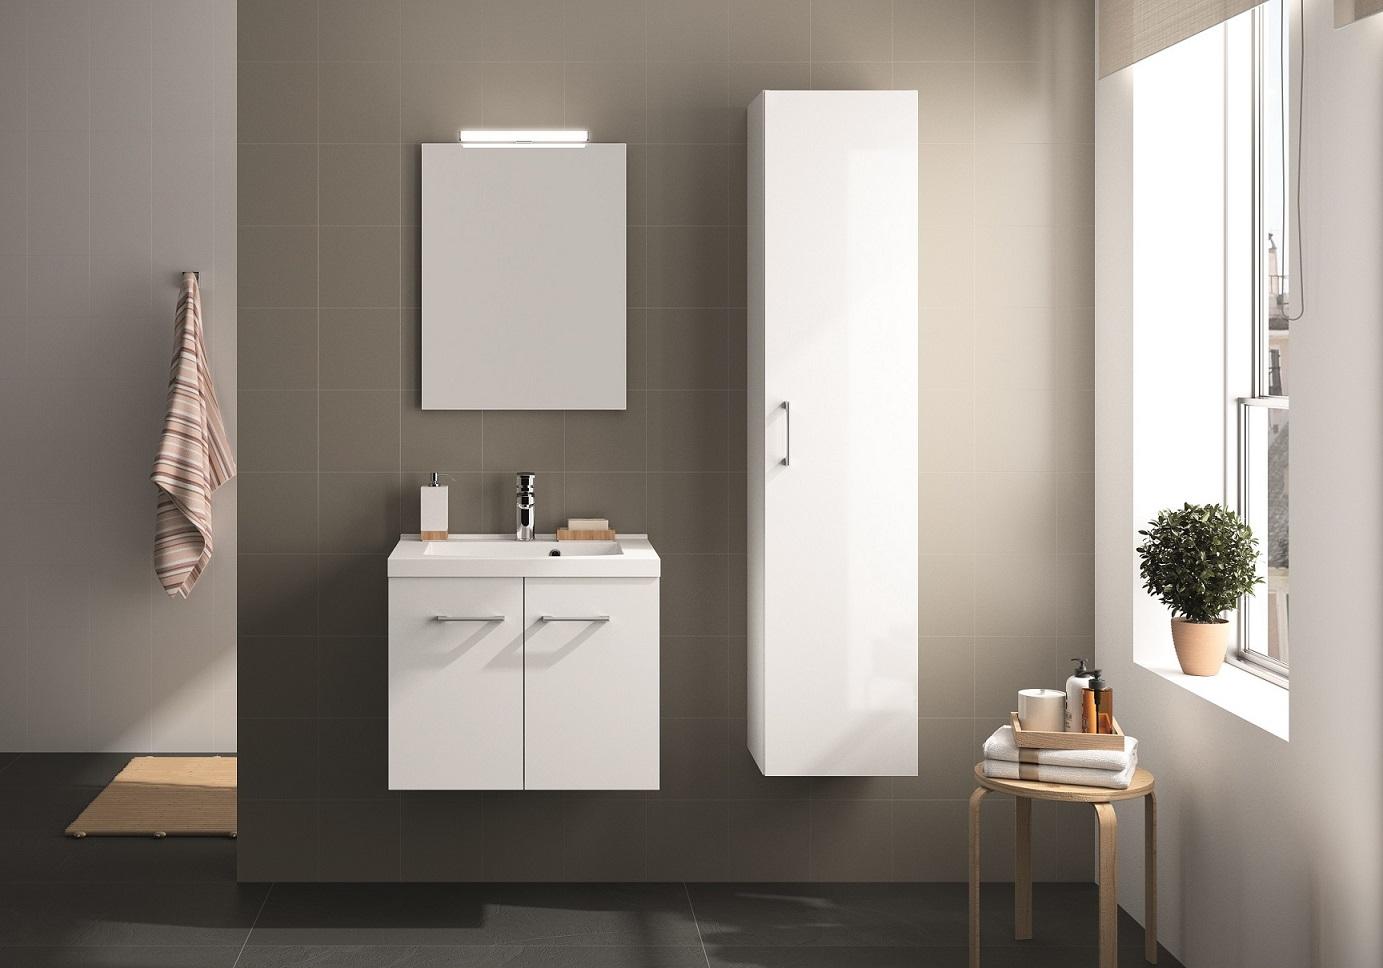 ALLIBERT Badmöbel Badmöbel-Set Badezimmermöbel Waschtisch weiß Glanz 95 cm